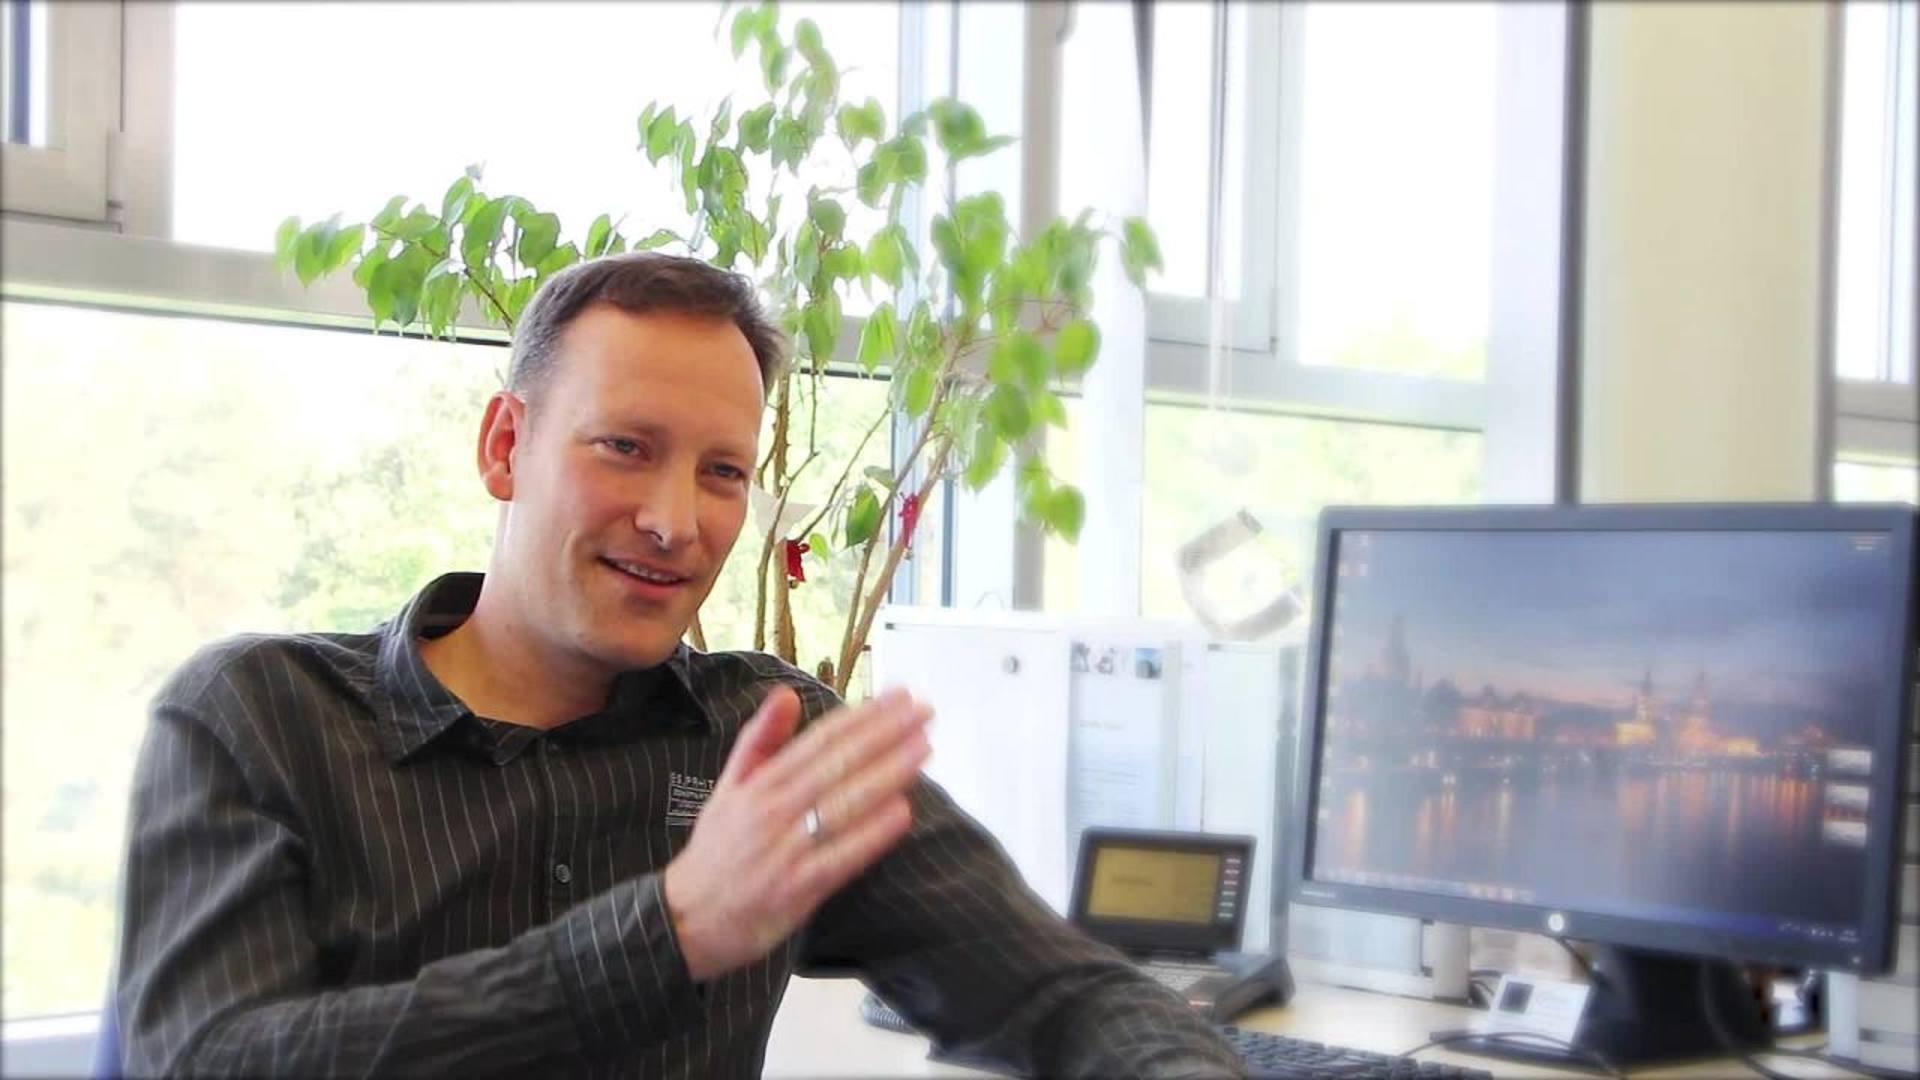 Unser Kollege Marcus erzählt uns von seiner Tätigkeit als Prozessingenieur in Dresden